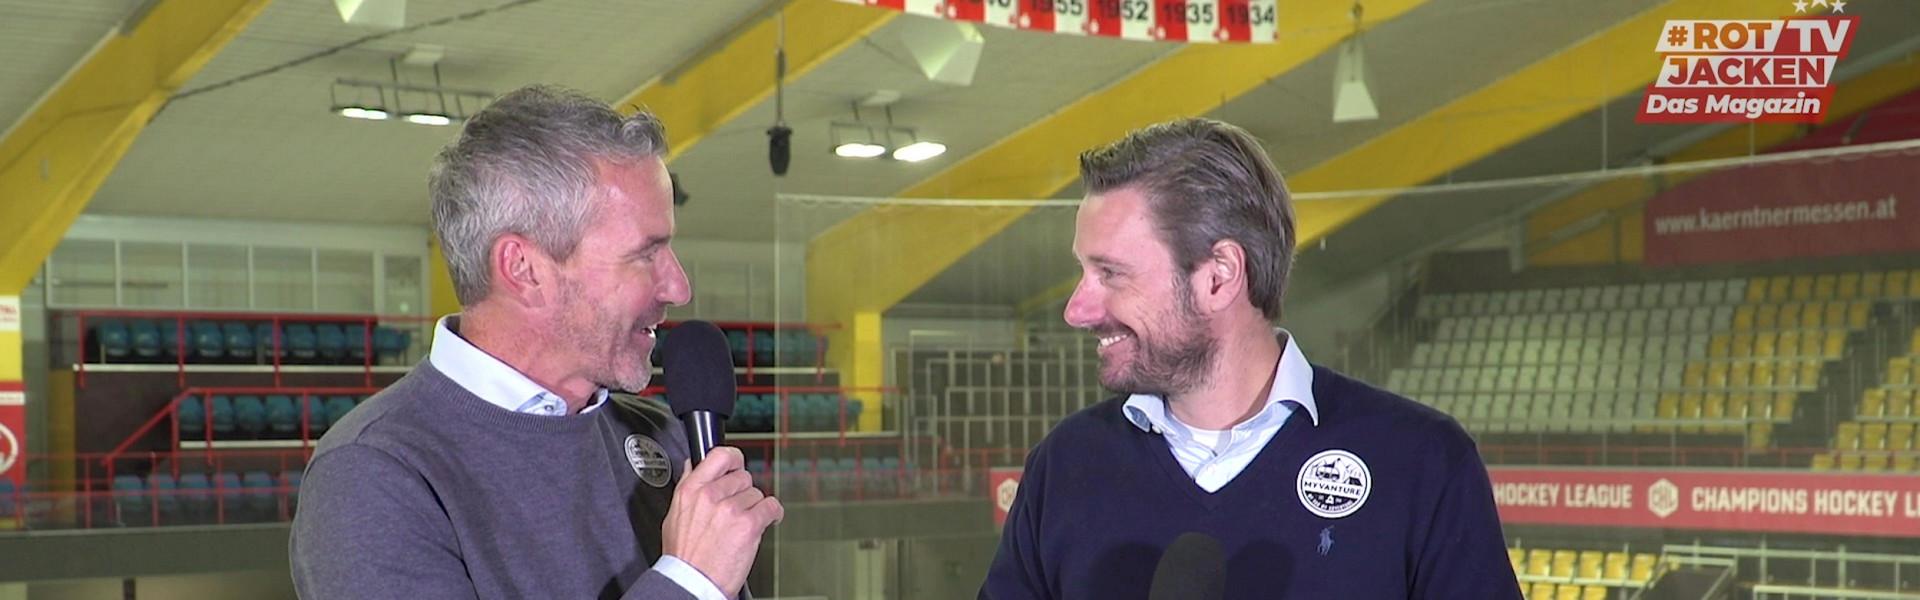 Joschi Peharz und Marc Brabant im Studio von #Rotjacken-TV - Das Magazin